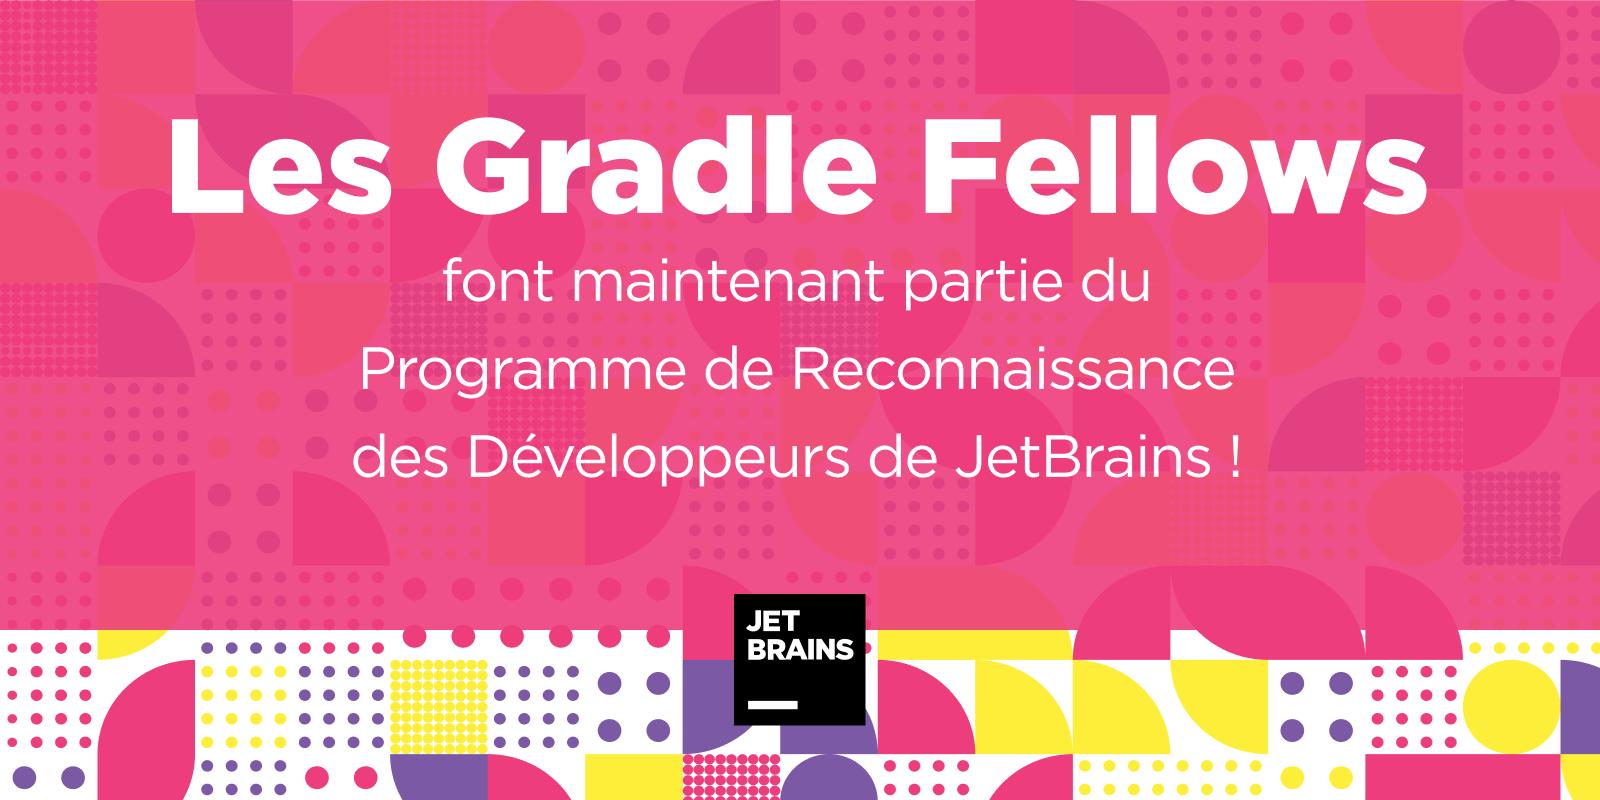 Gradle fellows dans le programme de reconnaissance des développeurs JetBrains